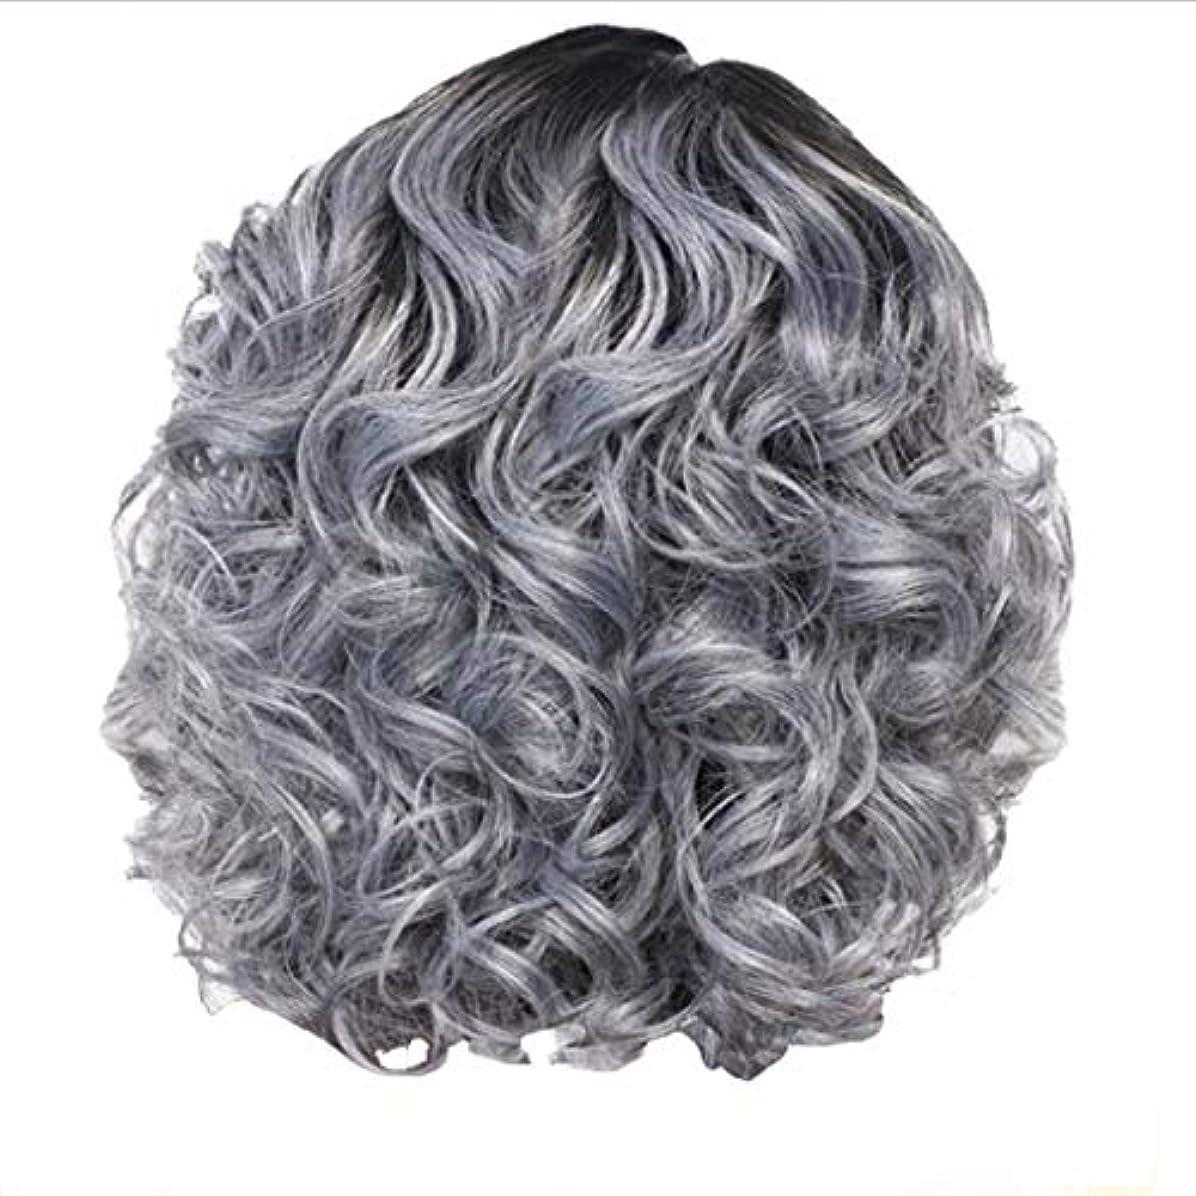 怠感使役相続人かつら女性の短い巻き毛シルバーグレーレトロ巻き毛ネット30 cm